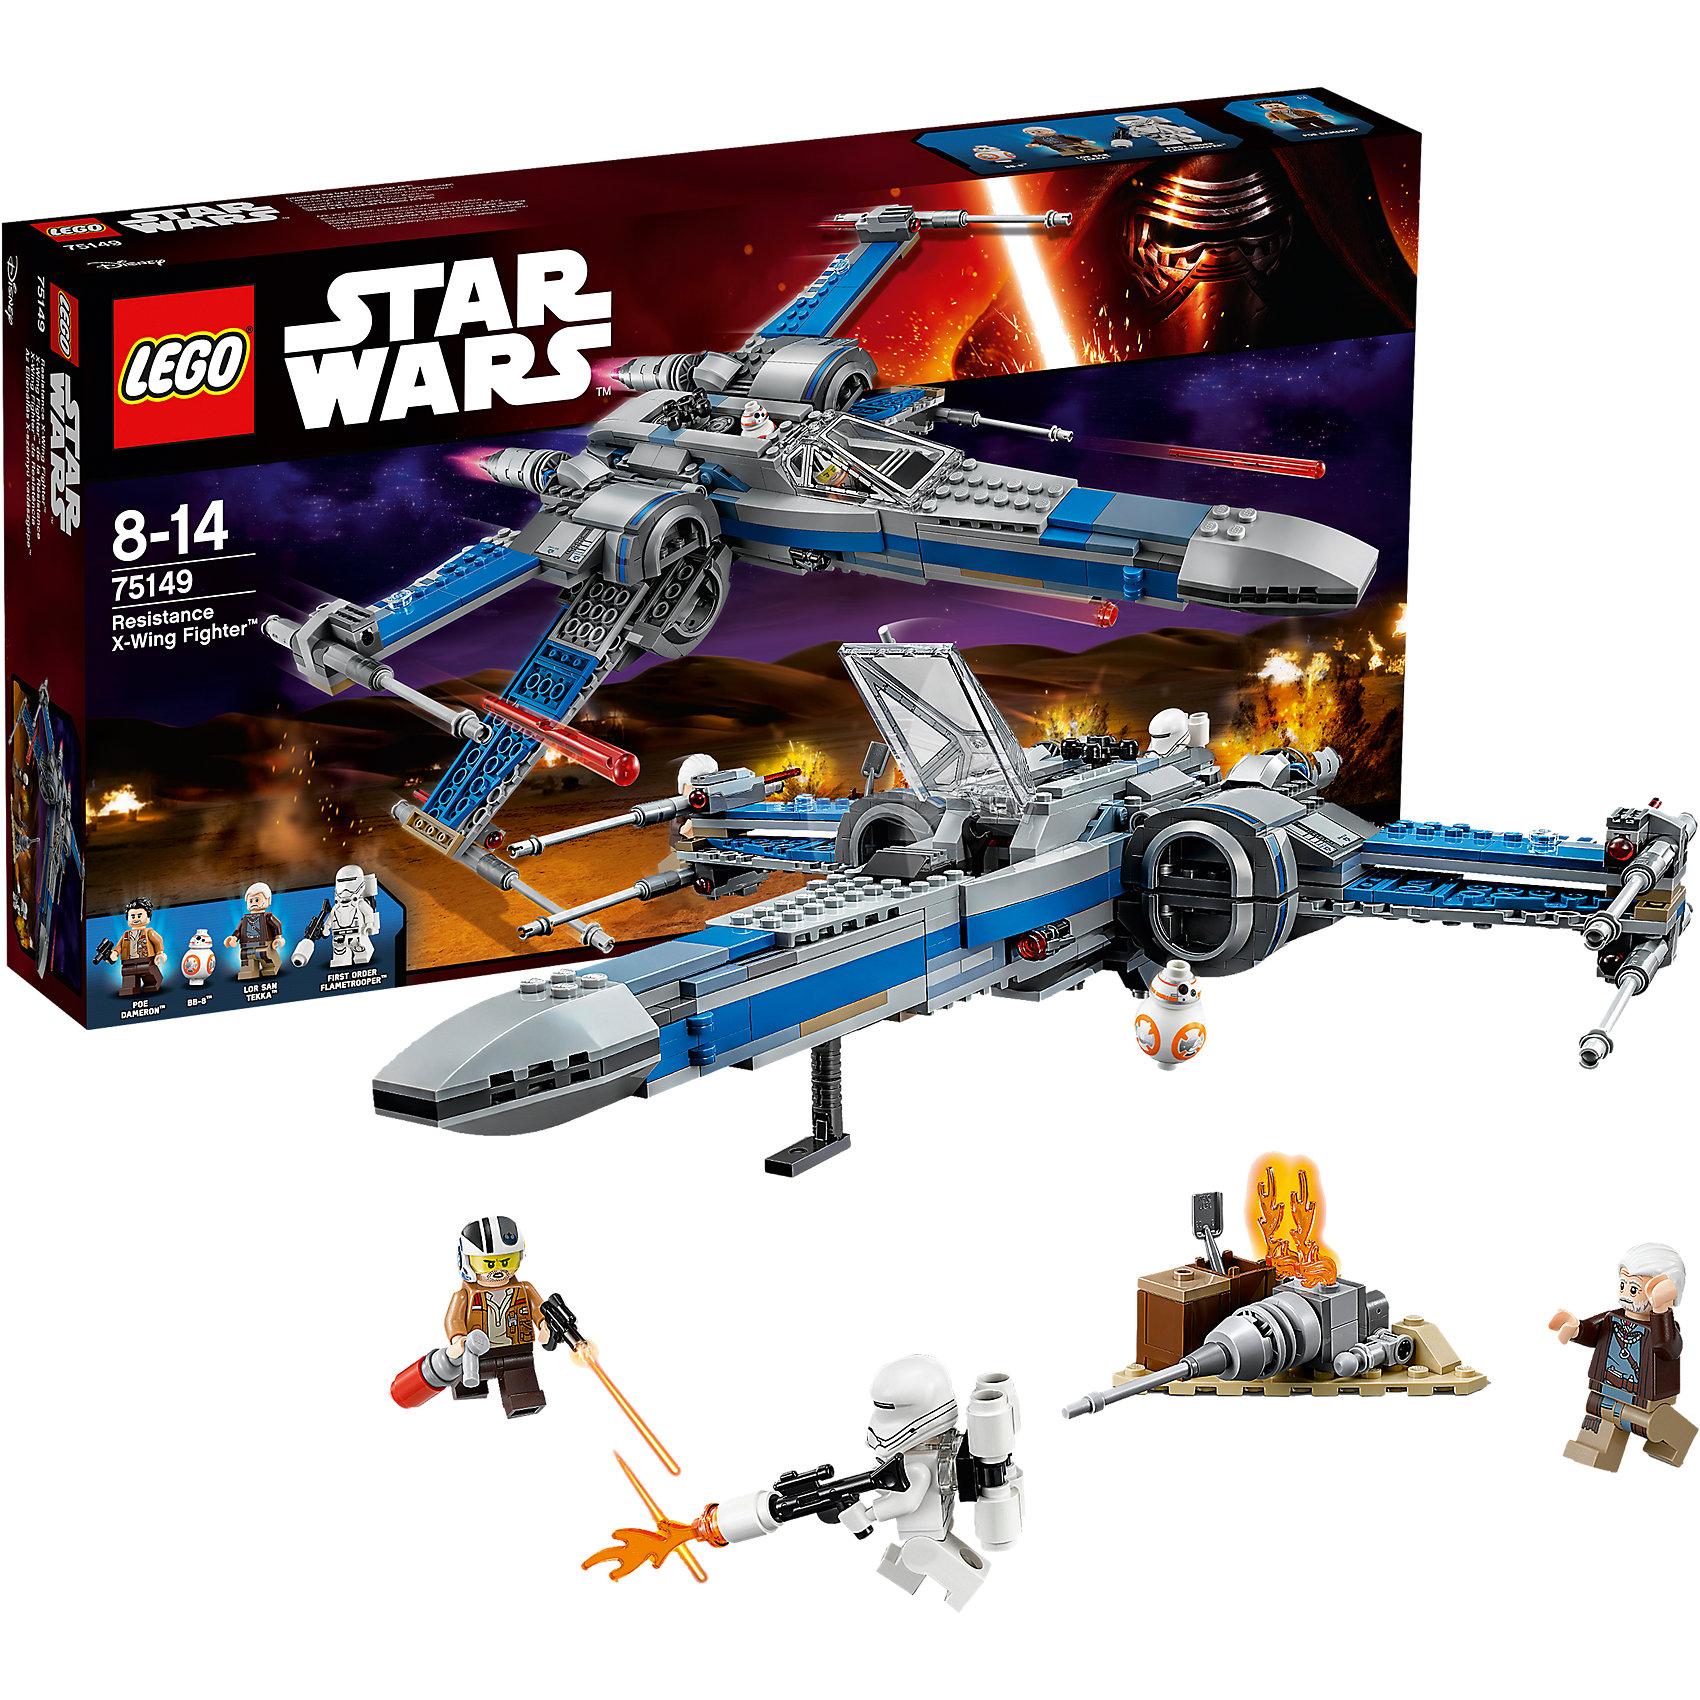 LEGO Star Wars 75149: Истребитель Сопротивления типа ИксПластмассовые конструкторы<br>Фильм Звездные войны и его героев любят множество современных мальчишек, поэтому набор Лего Star Wars, из которого можно собрать интересный сюжет по этому фильму, обязательно порадует ребенка. Такие игрушки помогают детям развивать воображение, мелкую моторику, логику и творческое мышление.<br>Набор состоит из множества деталей конструктора - с их помощью можно собрать декорации для игр, транспорт, а также в нем есть фигурки любимых персонажей! С таким комплектом можно придумать множество игр!<br><br>Дополнительная информация:<br><br>цвет: разноцветный;<br>размер коробки: 54 х 8 х 28 см;<br>вес: 1047 г;<br>материал: пластик;<br>количество деталей: 740.<br><br>Набор Истребитель Сопротивления типа Икс от бренда LEGO Star Wars можно купить в нашем магазине.<br><br>Ширина мм: 541<br>Глубина мм: 281<br>Высота мм: 78<br>Вес г: 1075<br>Возраст от месяцев: 96<br>Возраст до месяцев: 168<br>Пол: Мужской<br>Возраст: Детский<br>SKU: 4641249